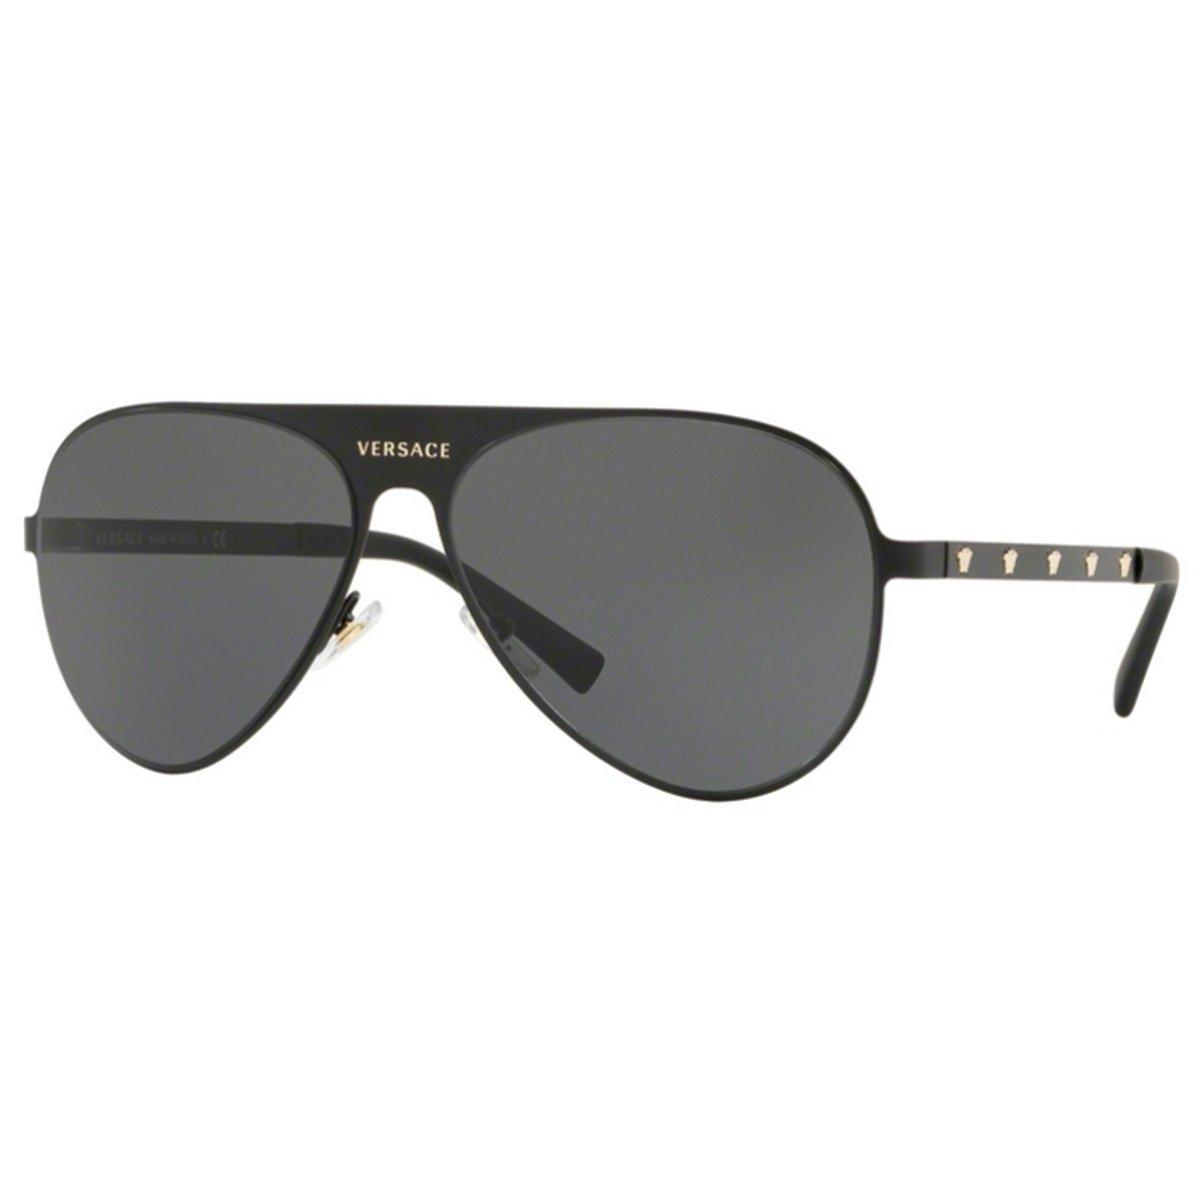 71da785a2 Compre Óculos de Sol Versace em 10X | Tri-Jóia Shop